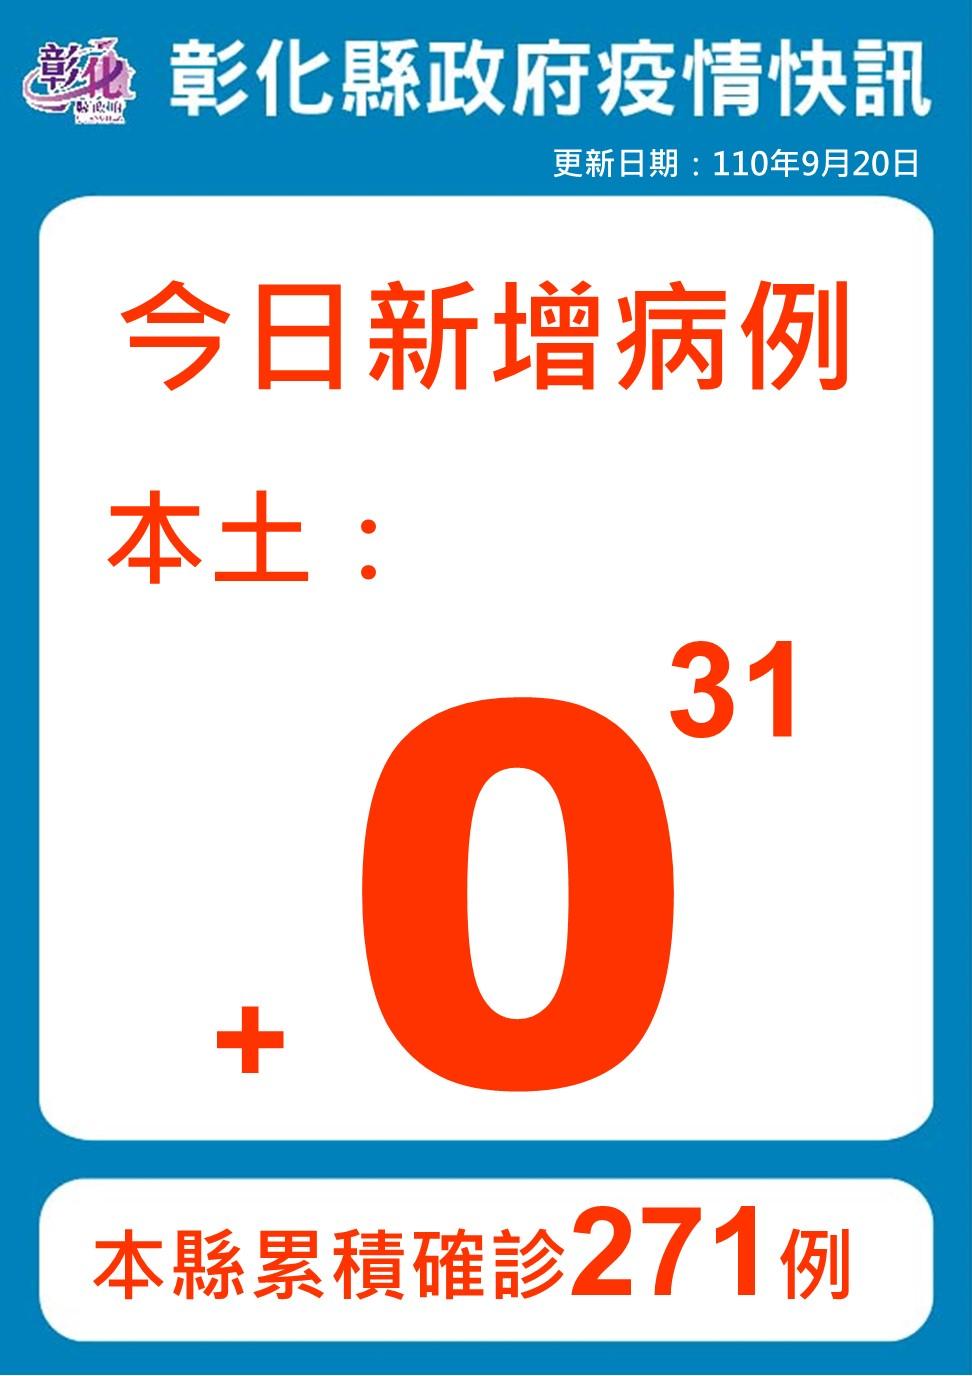 9月20日防疫說明 彰化連續第31天+0 防疫仍不能鬆懈